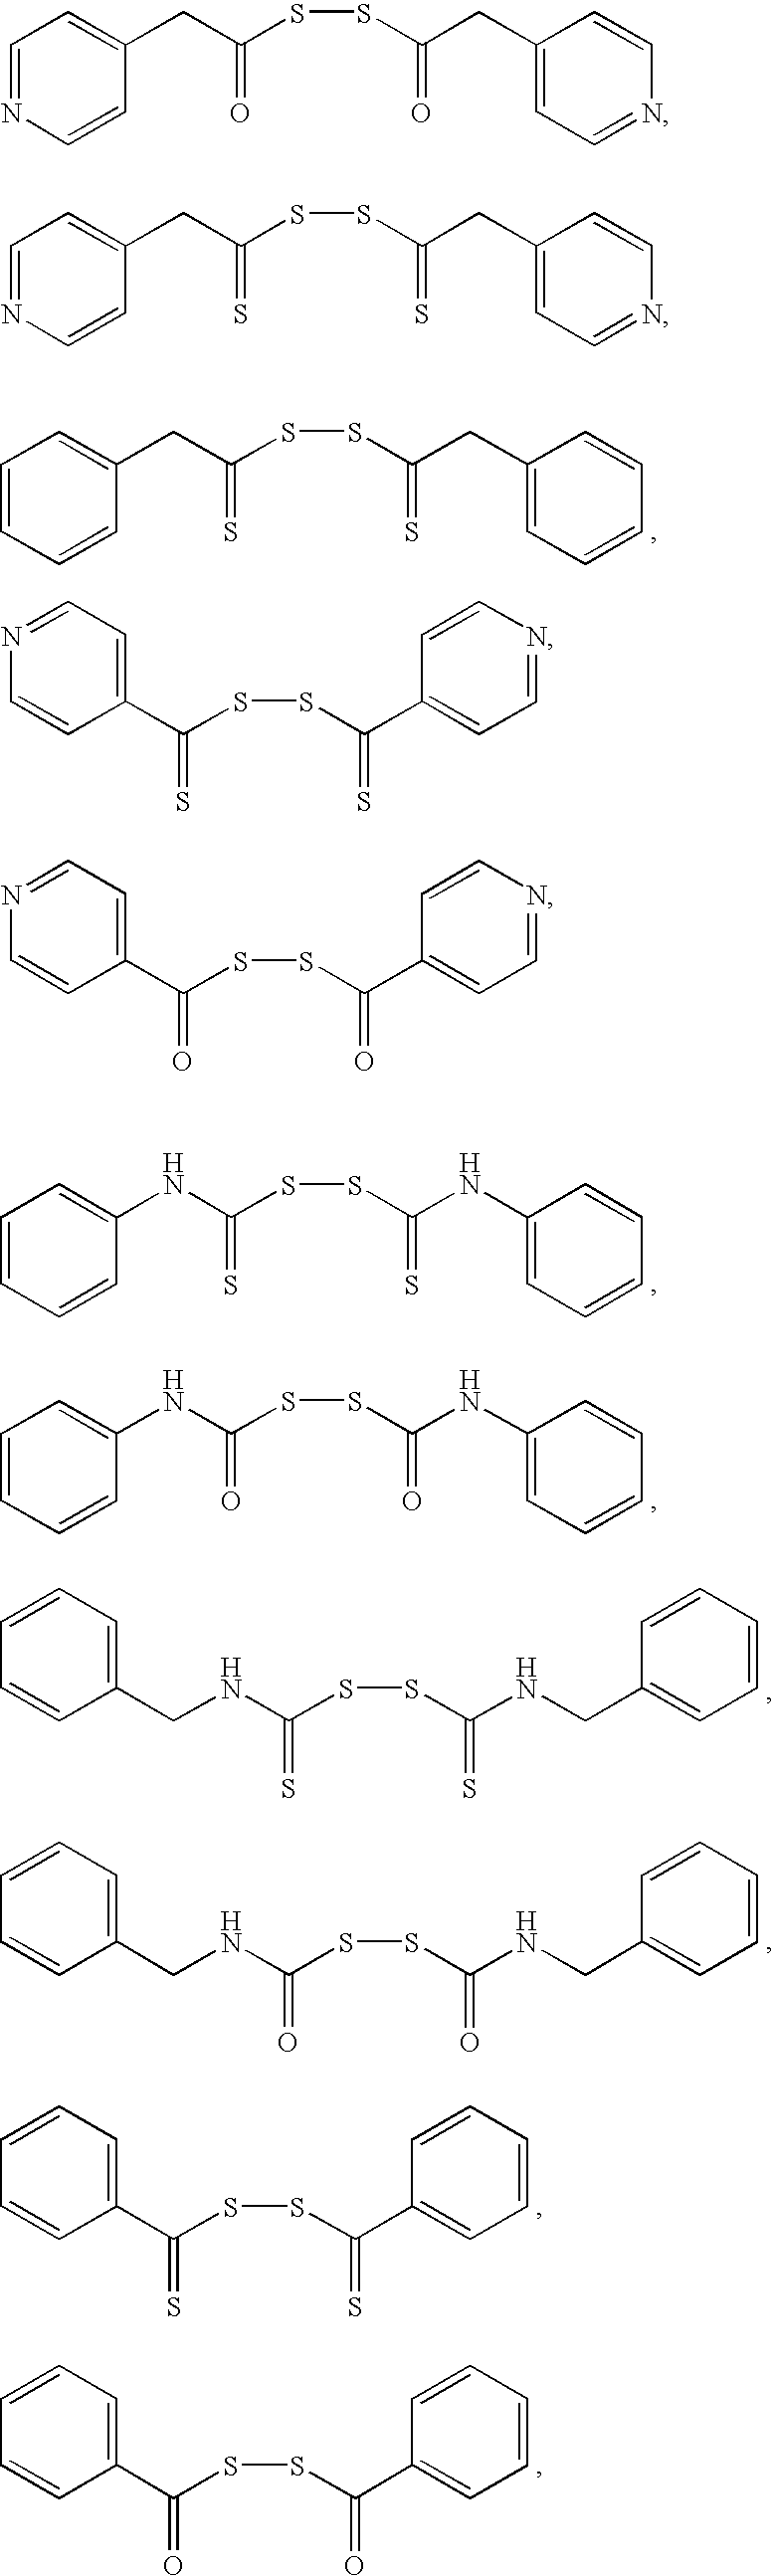 Figure US20090187027A1-20090723-C00053